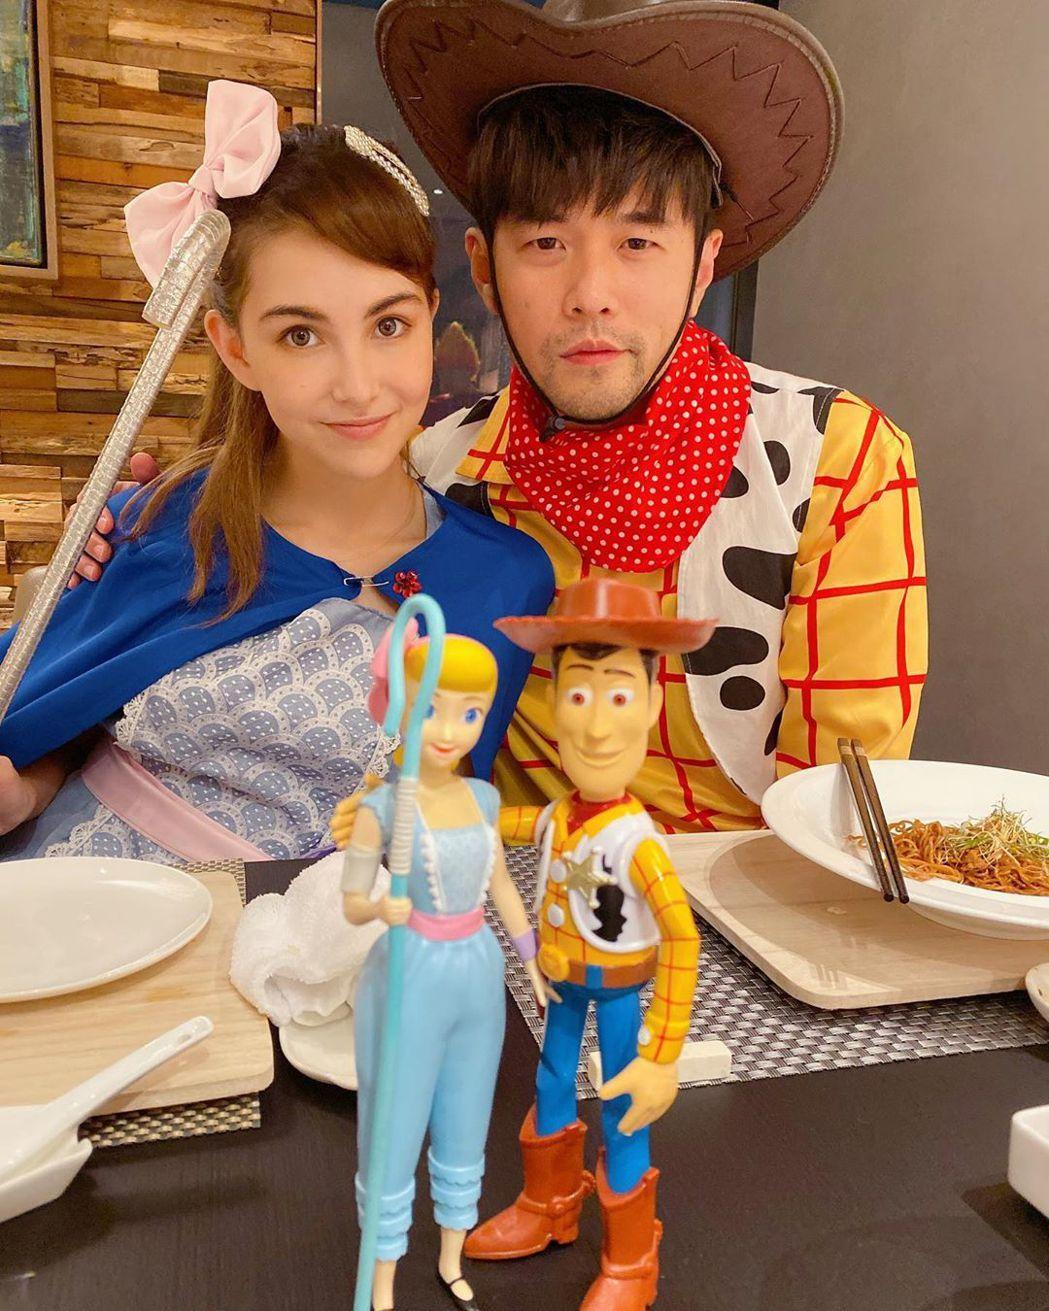 周杰倫(右)跟老婆昆凌扮成牧羊女跟胡迪。圖/摘自IG